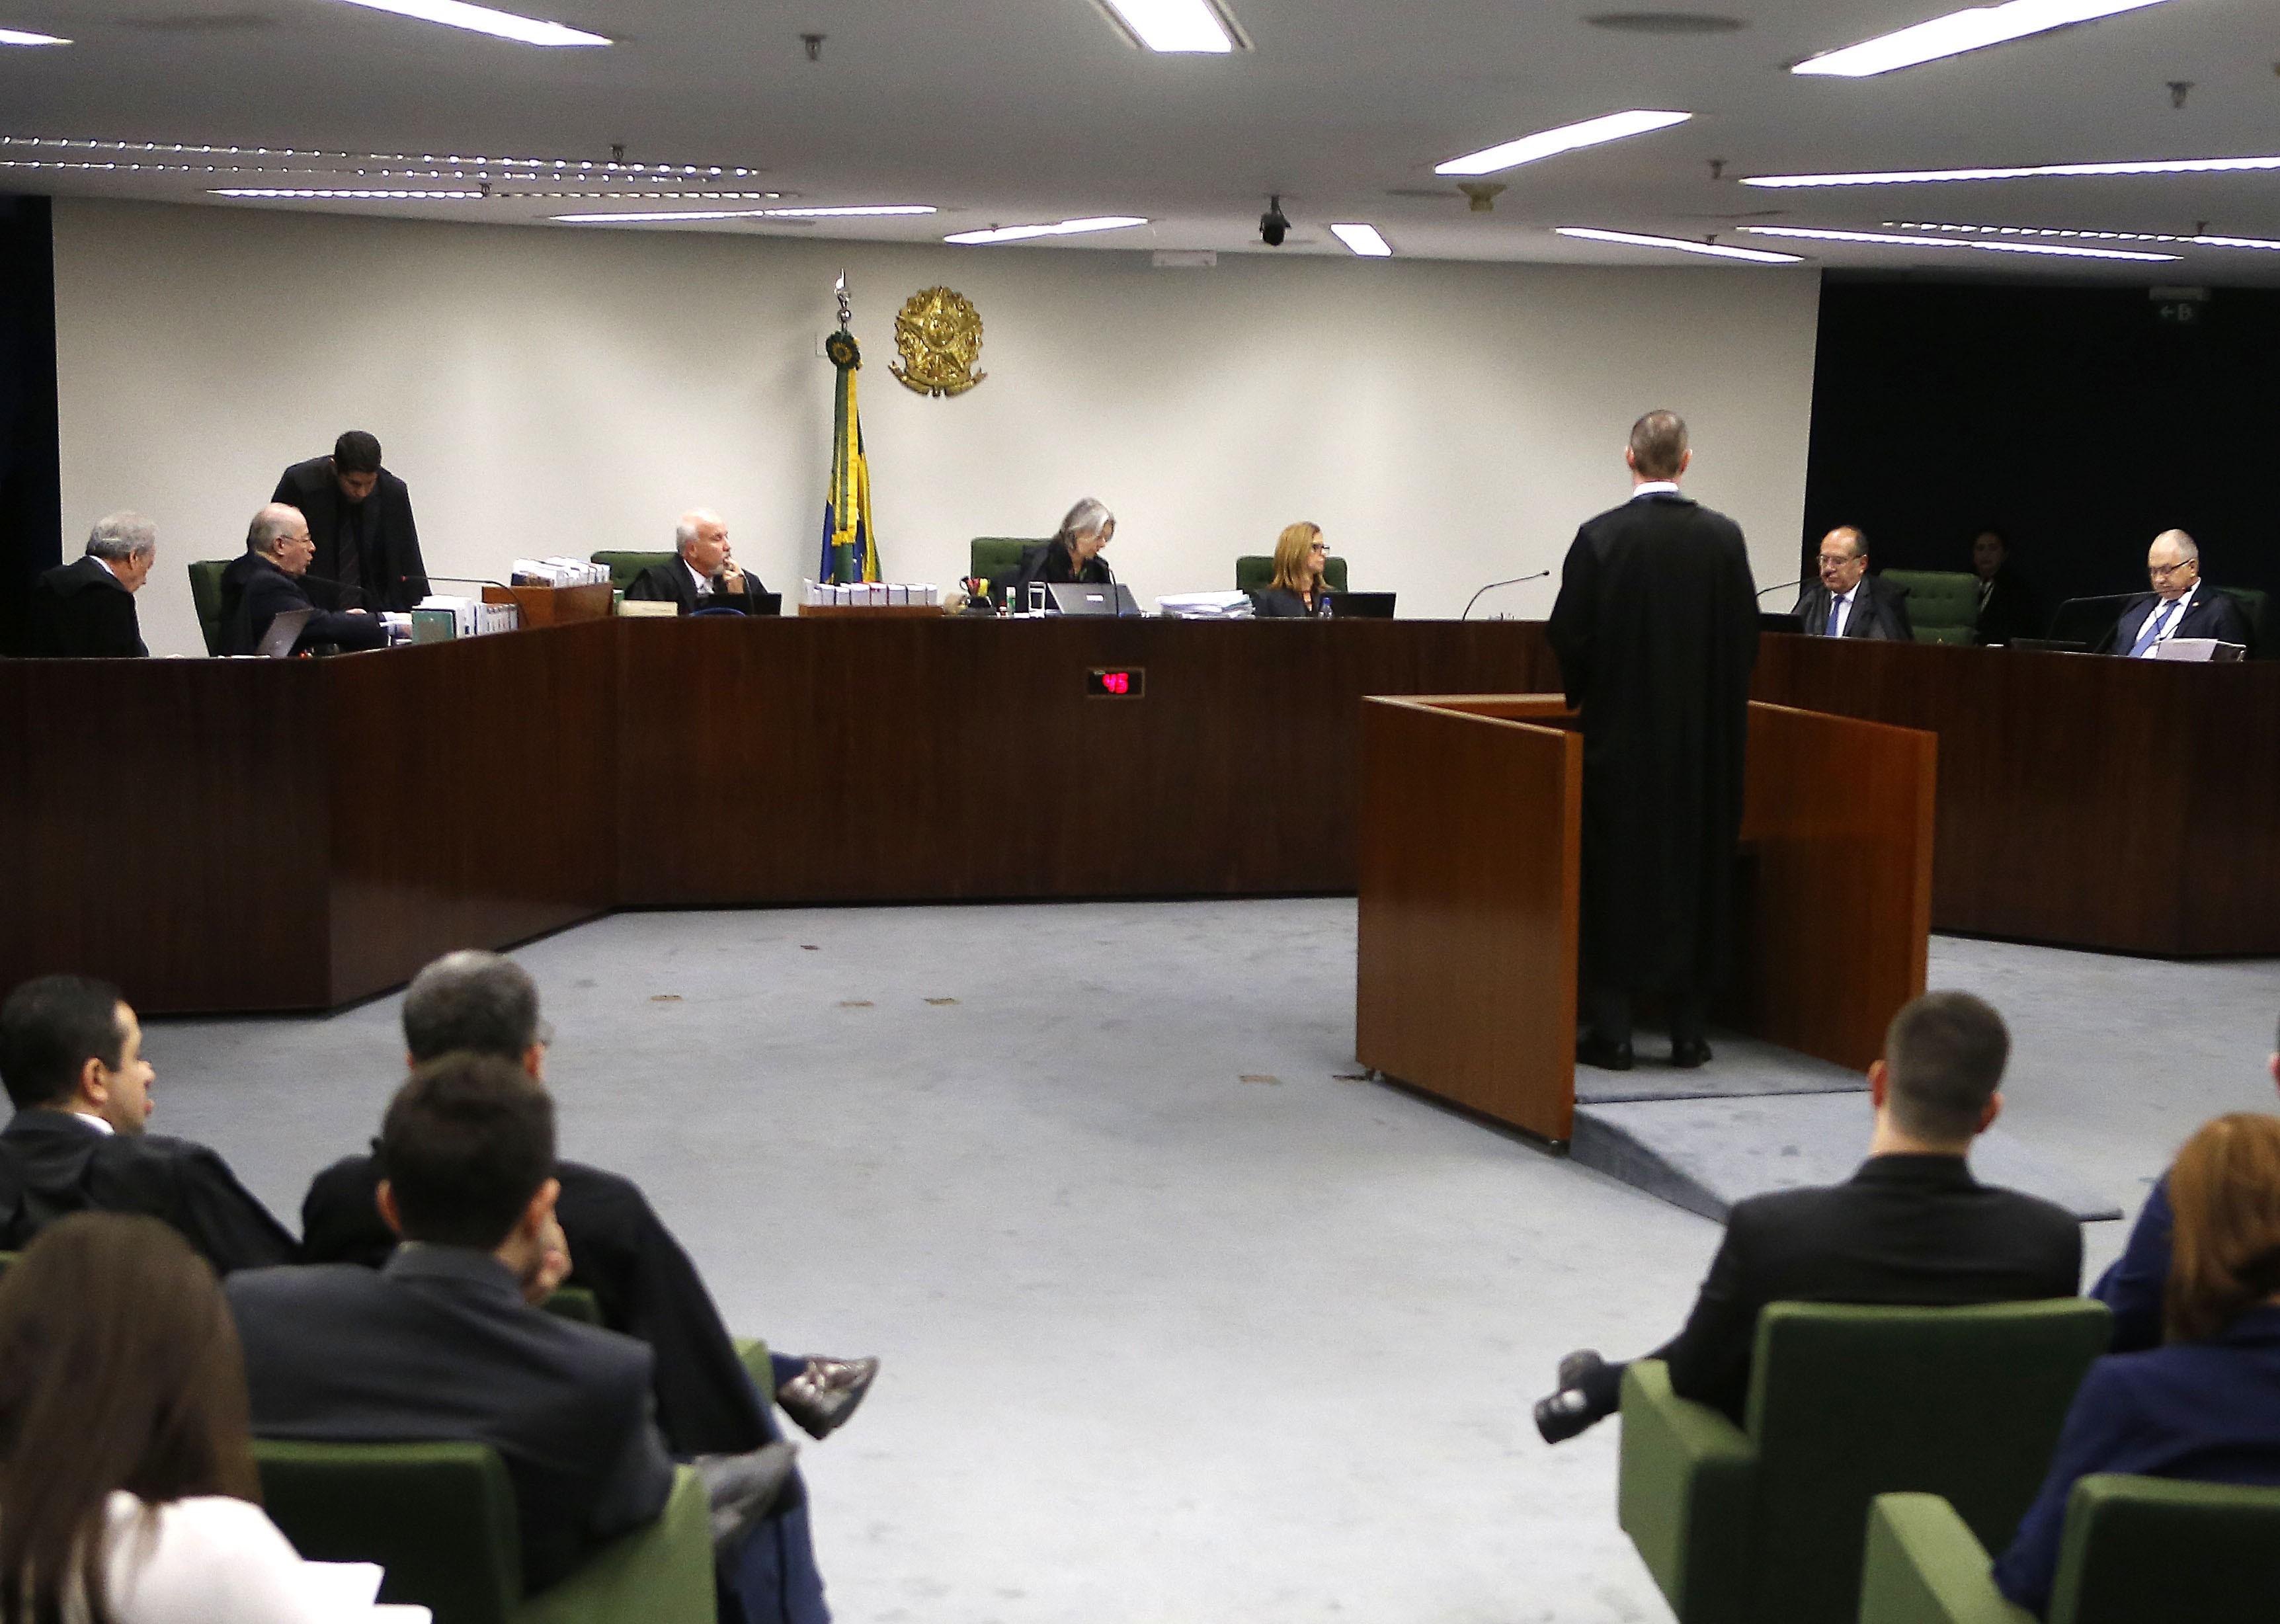 O plenário da Segunda Turma do Supremo Tribunal Federal (STF)